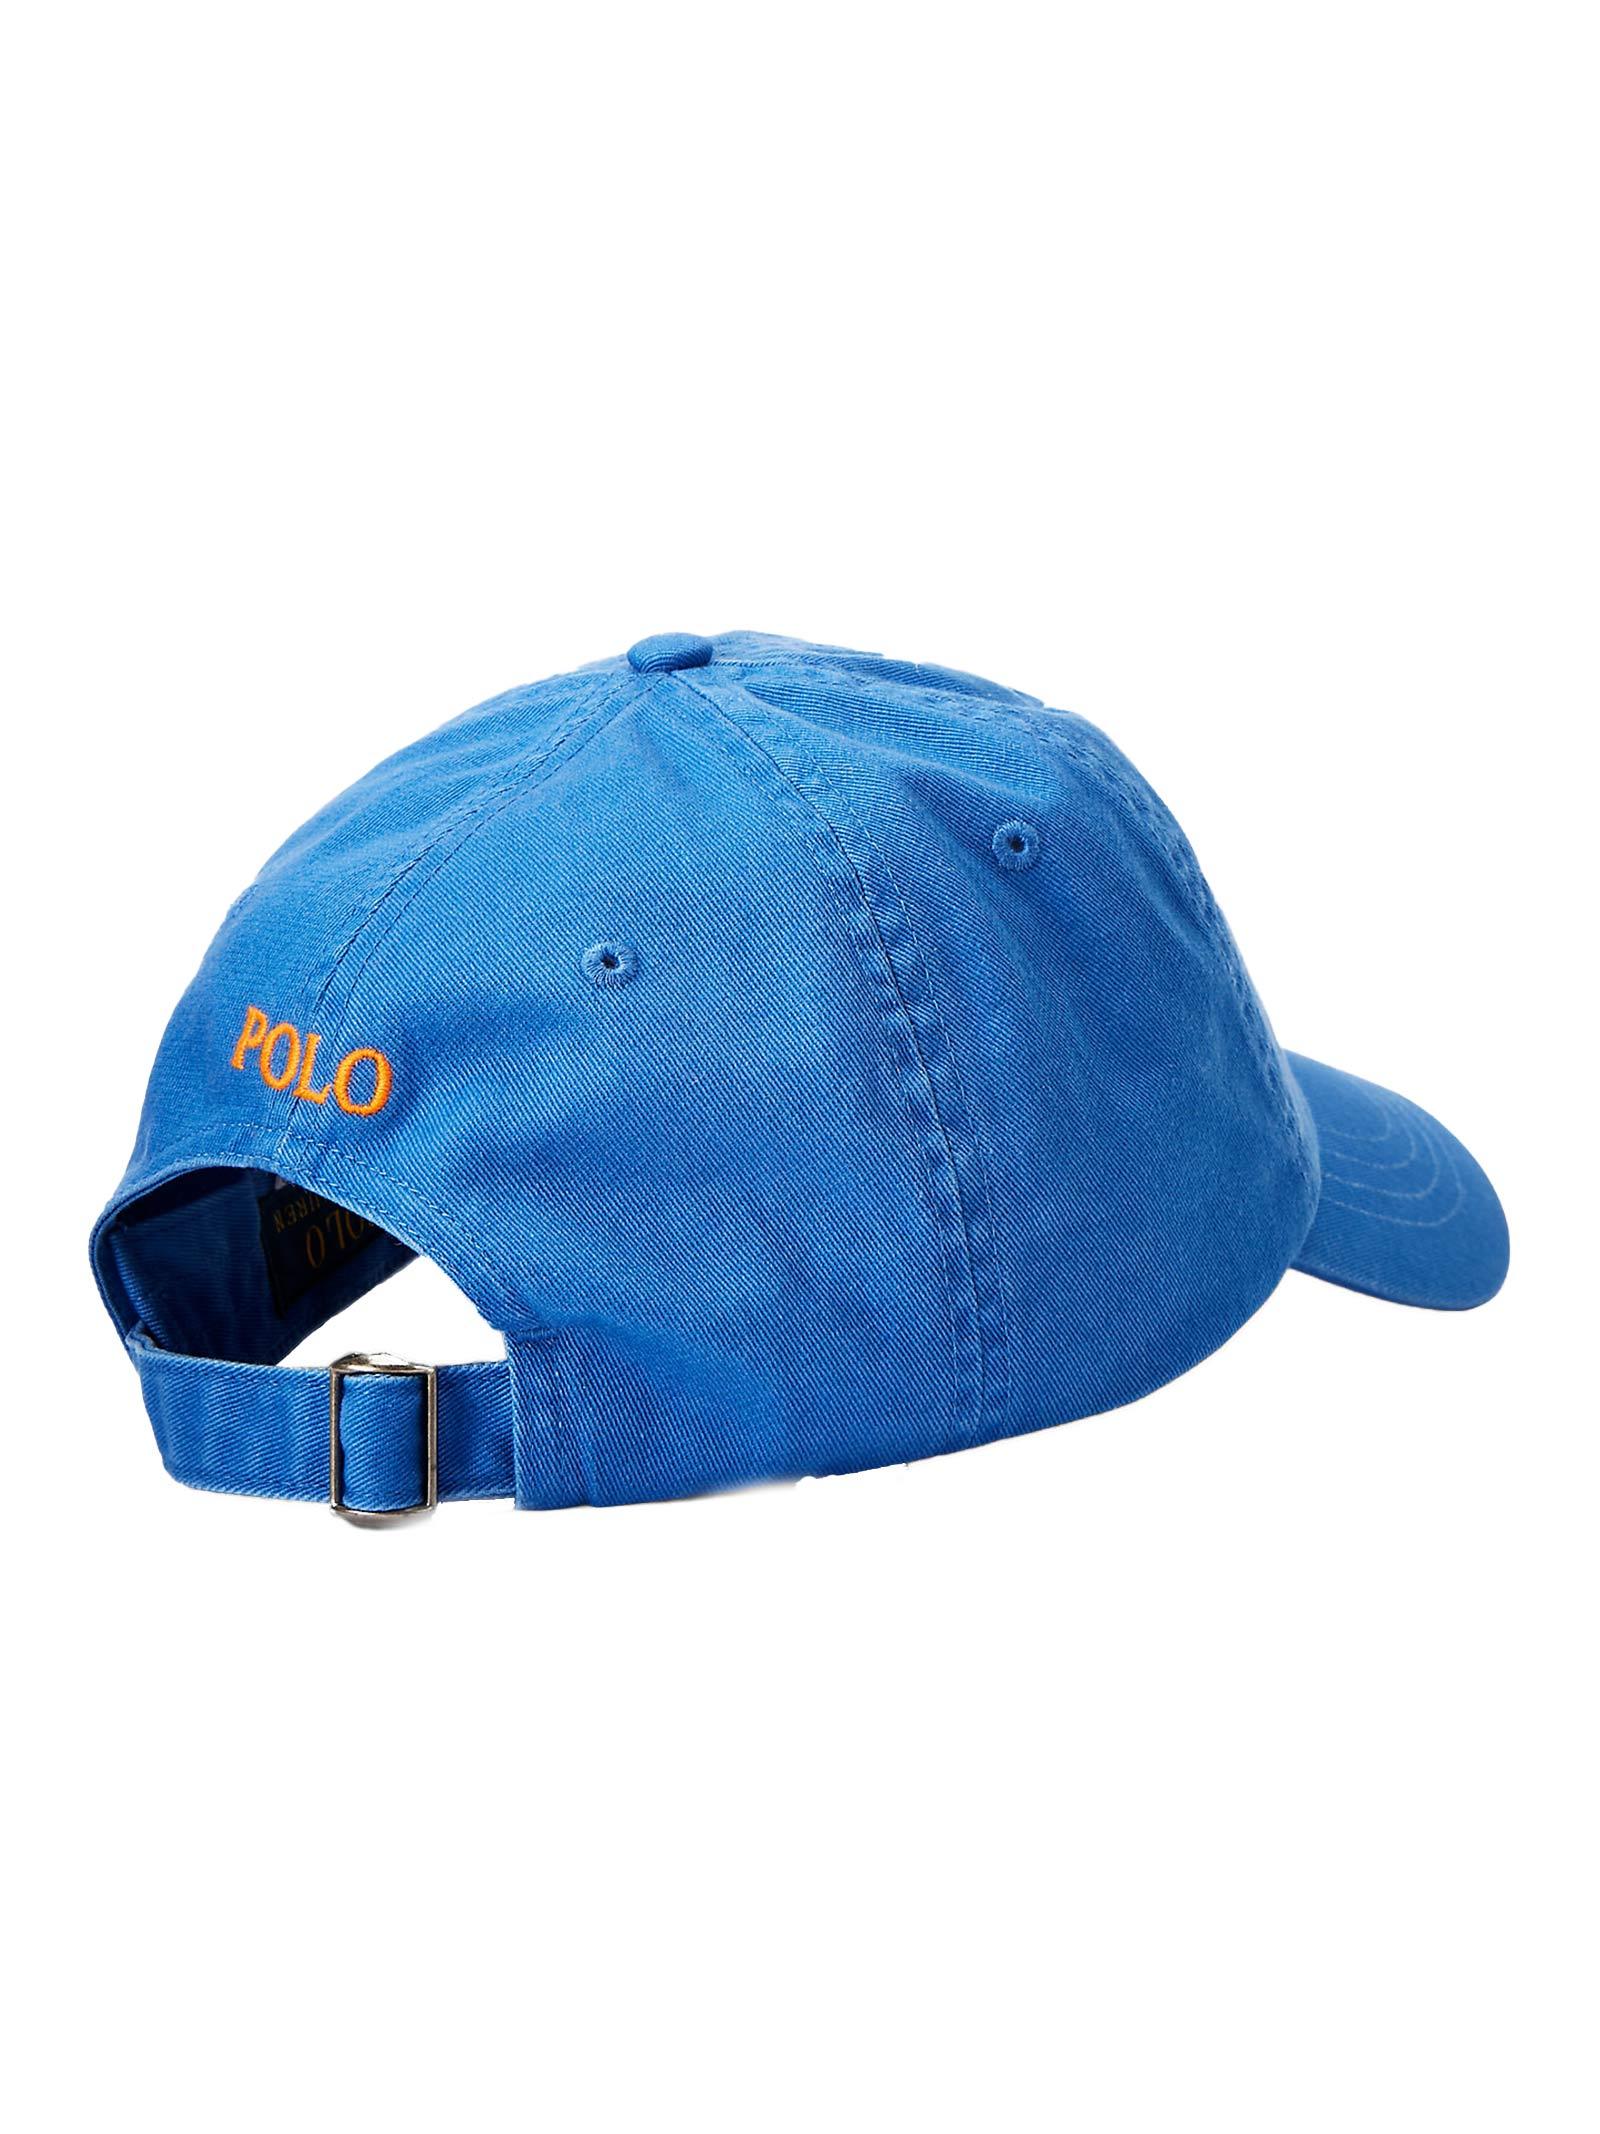 RALPH LAUREN | Hats | 710-811338013